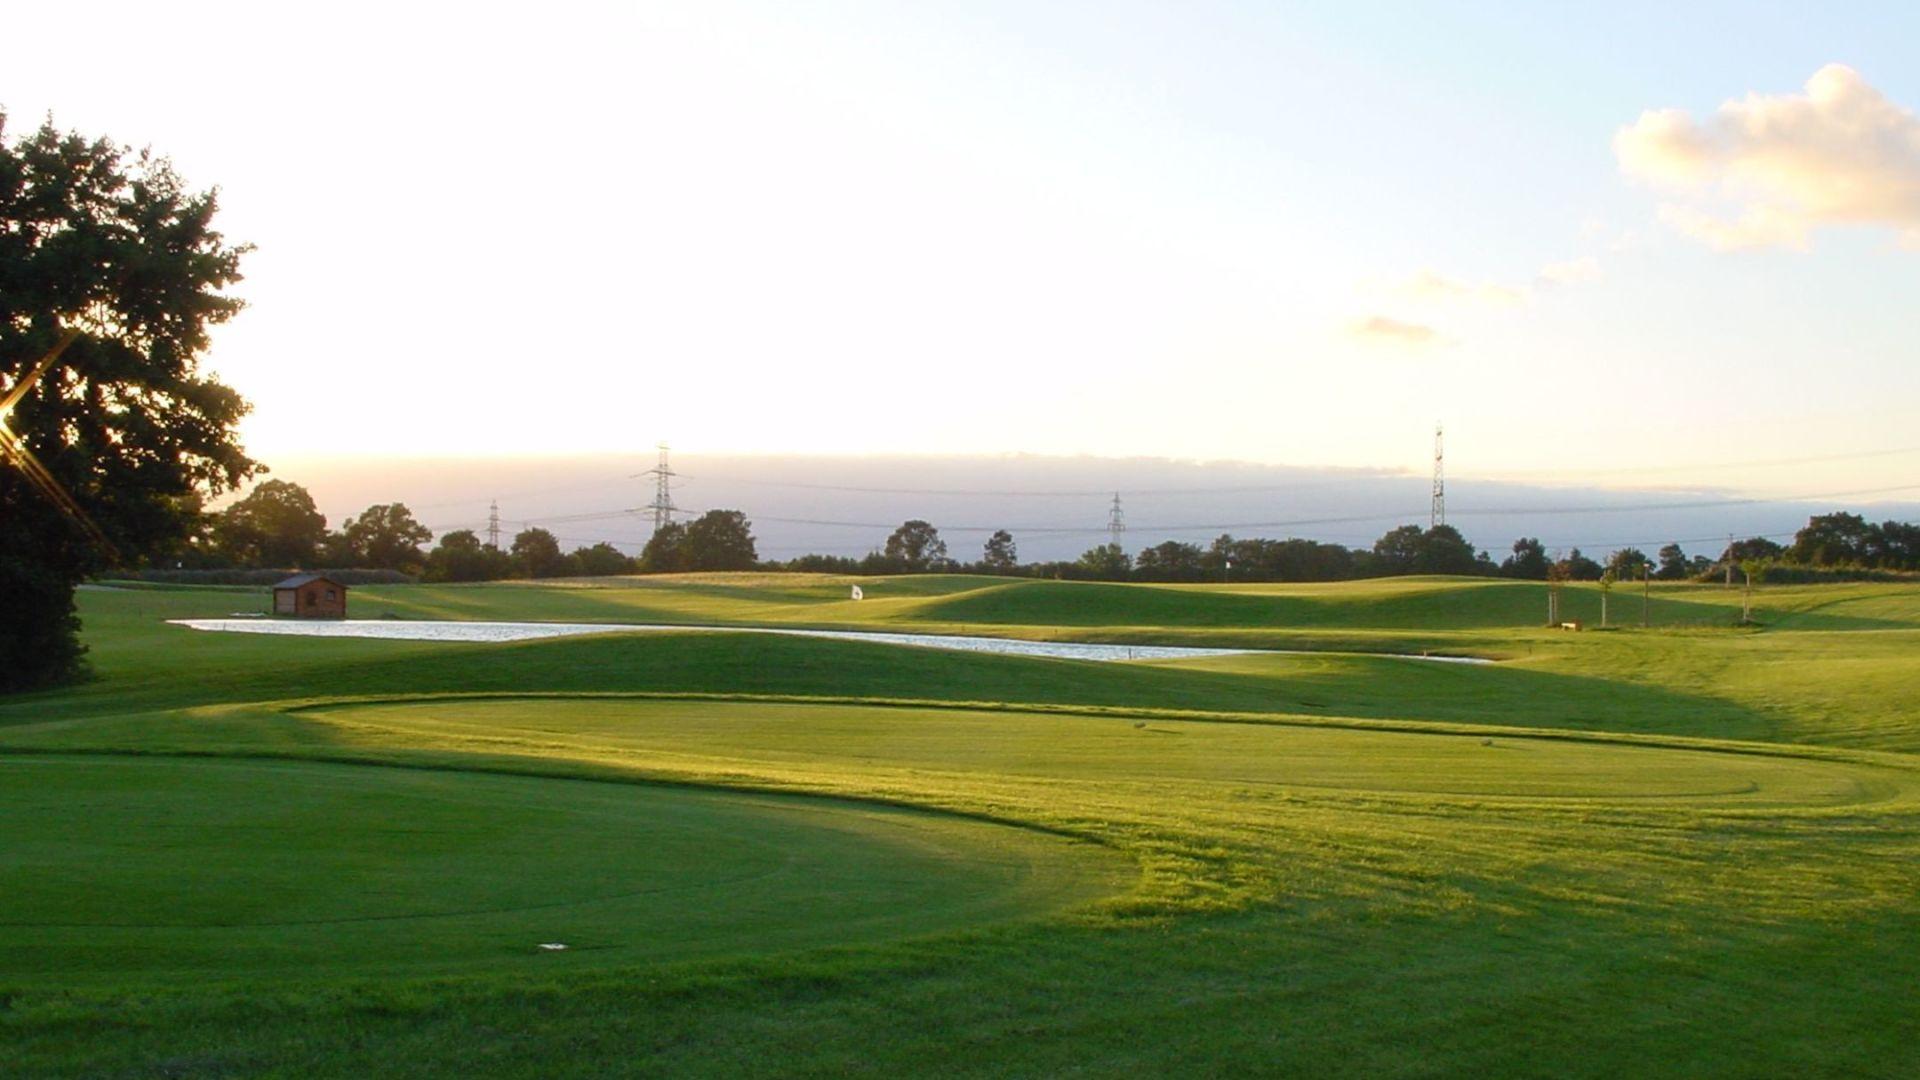 Golfplatz in Oststeinbek